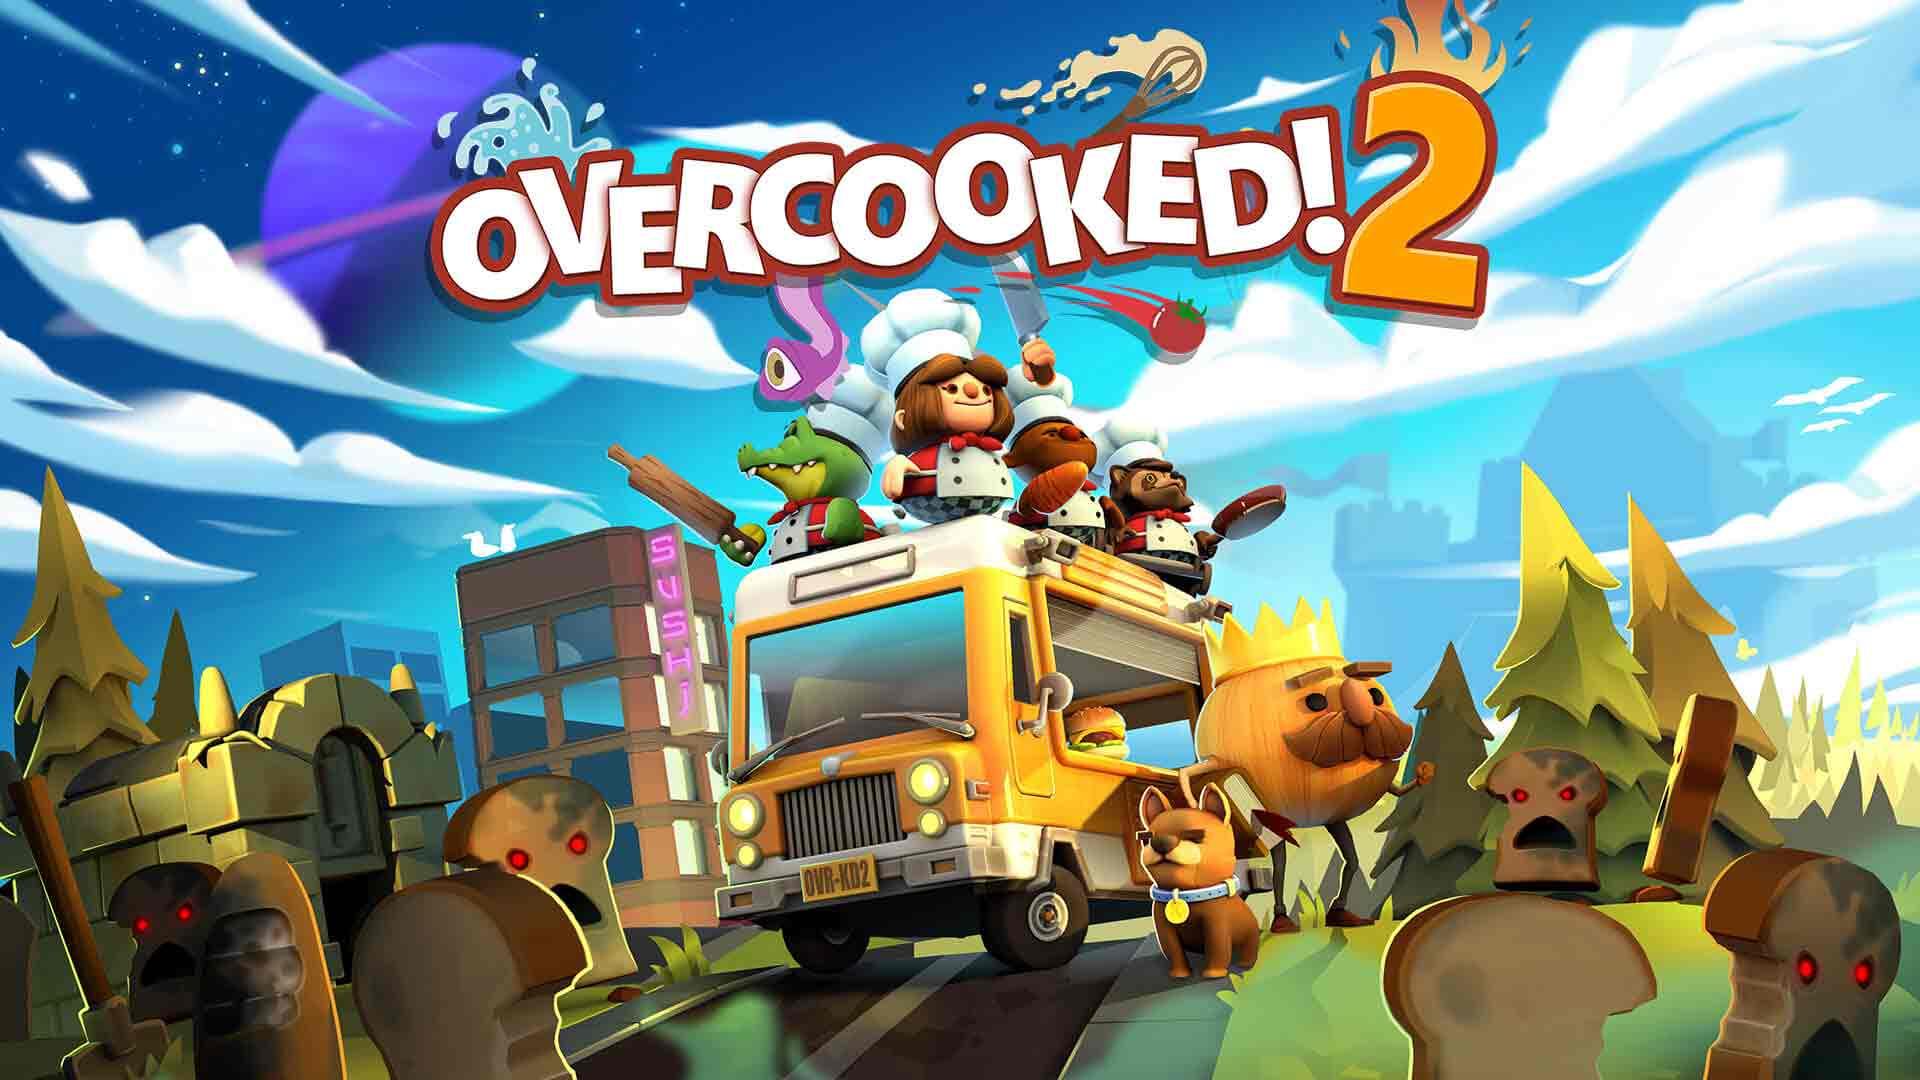 เกม-PS4-เล่น-2-คน-แบบดูโอ้-ไม่มีเหงา-overcooked